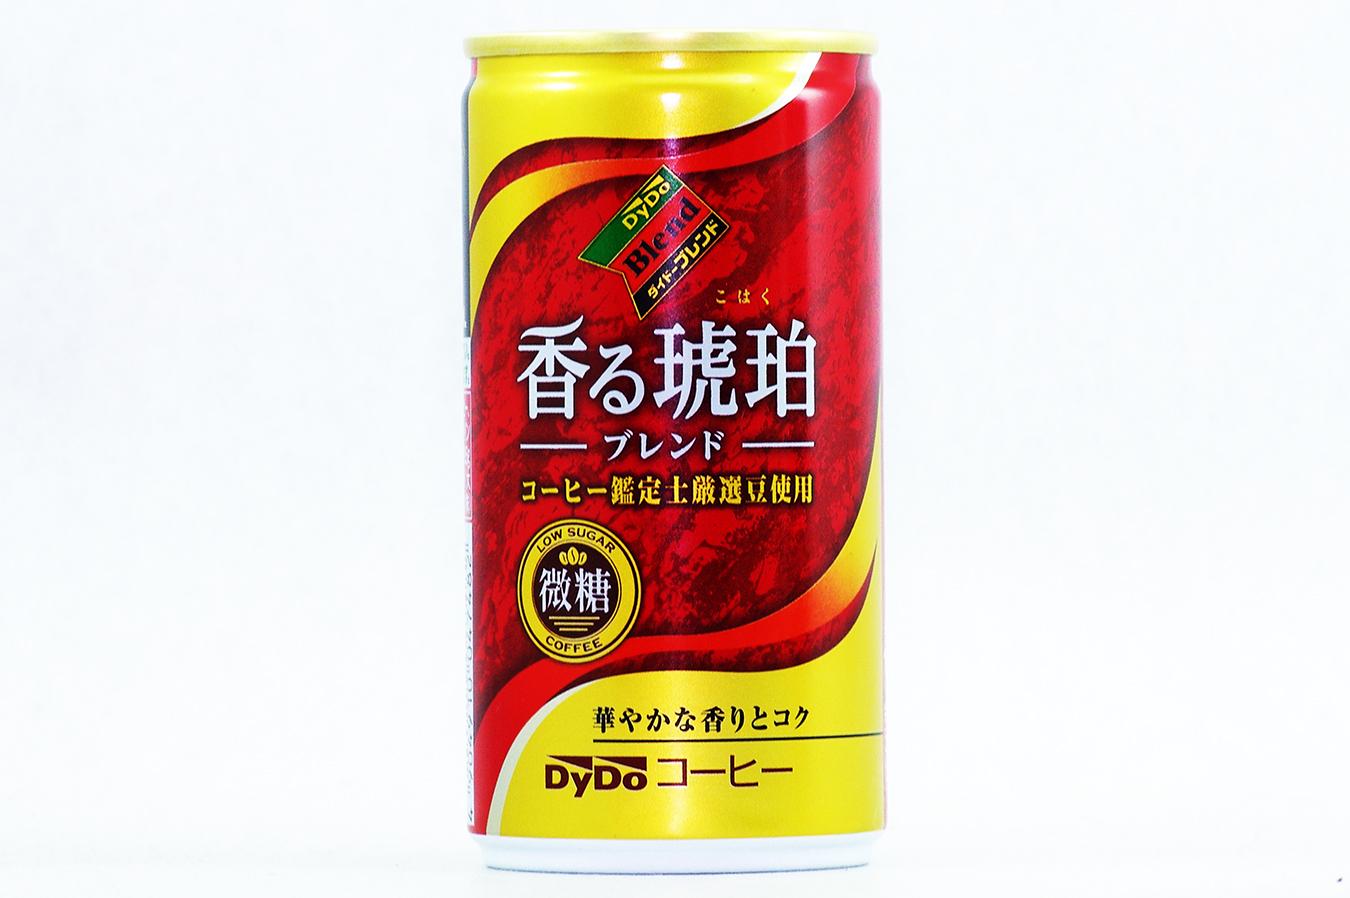 ダイドーブレンド 香る琥珀ブレンド微糖 2017年9月